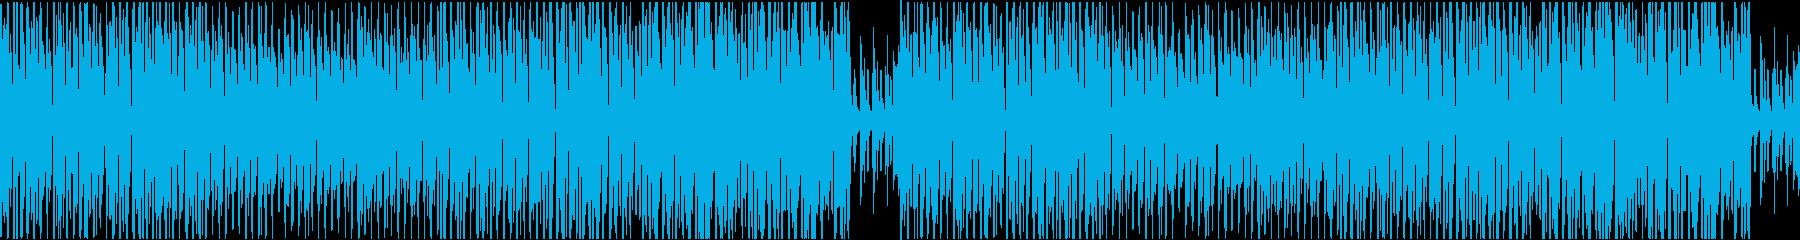 CM用明るいコミカルマーチの再生済みの波形